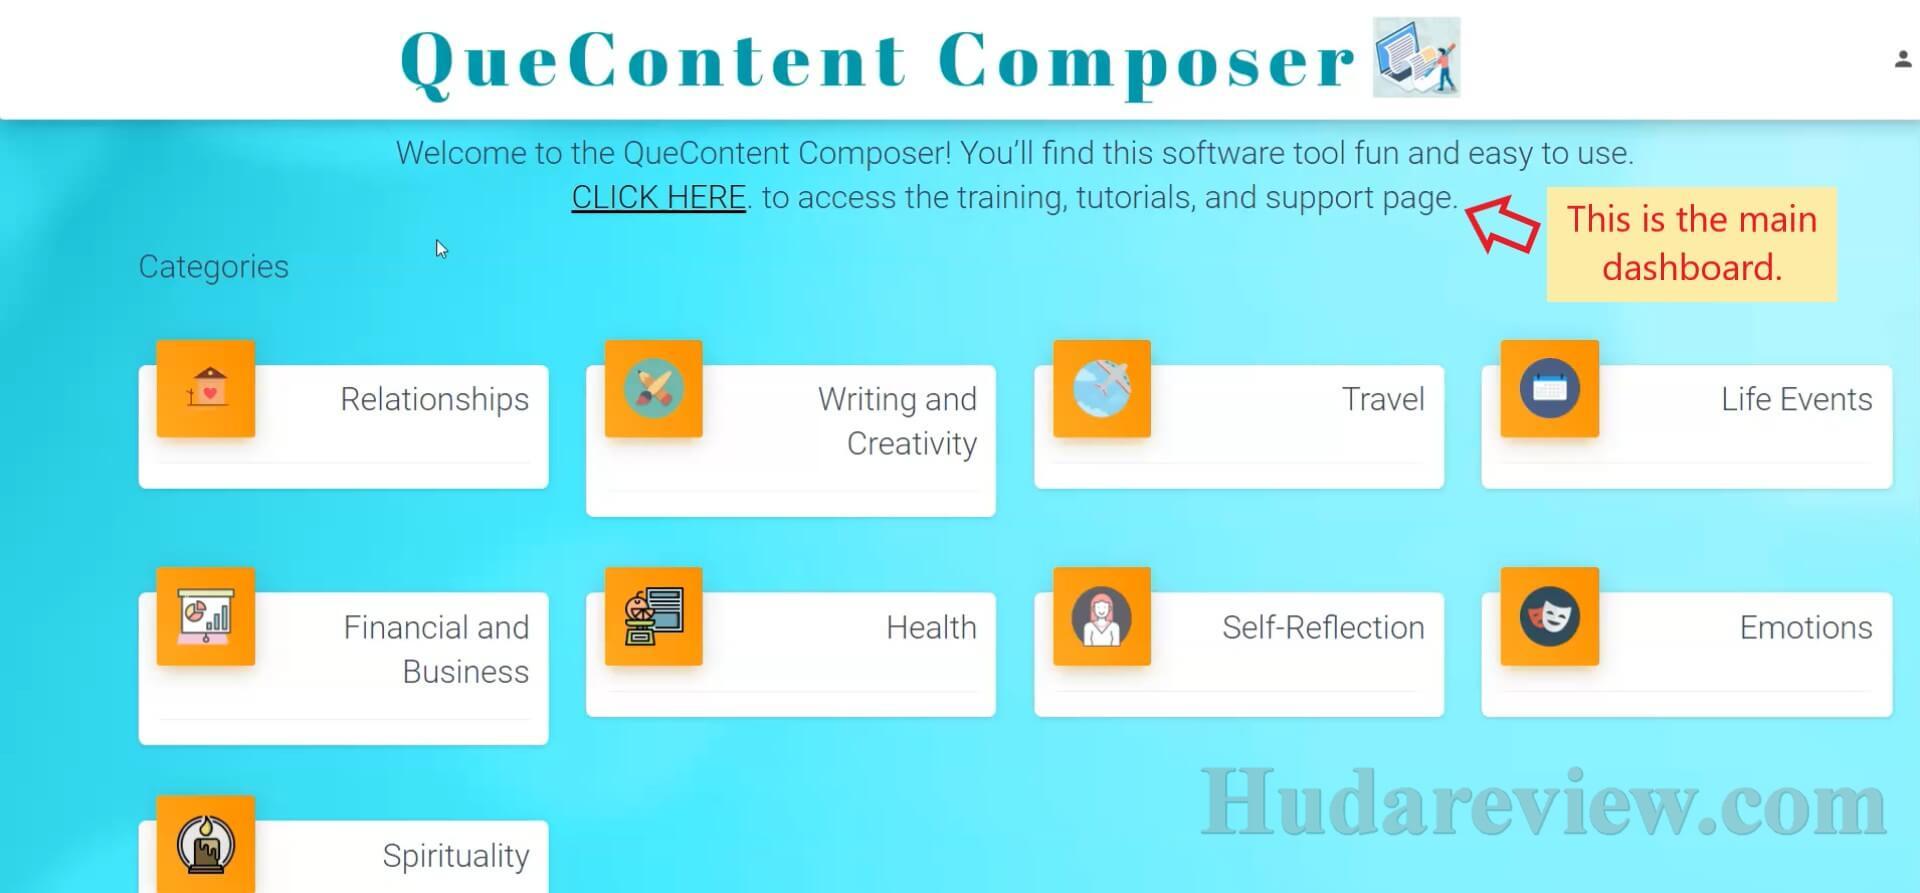 QueContent-Composer-Step-1